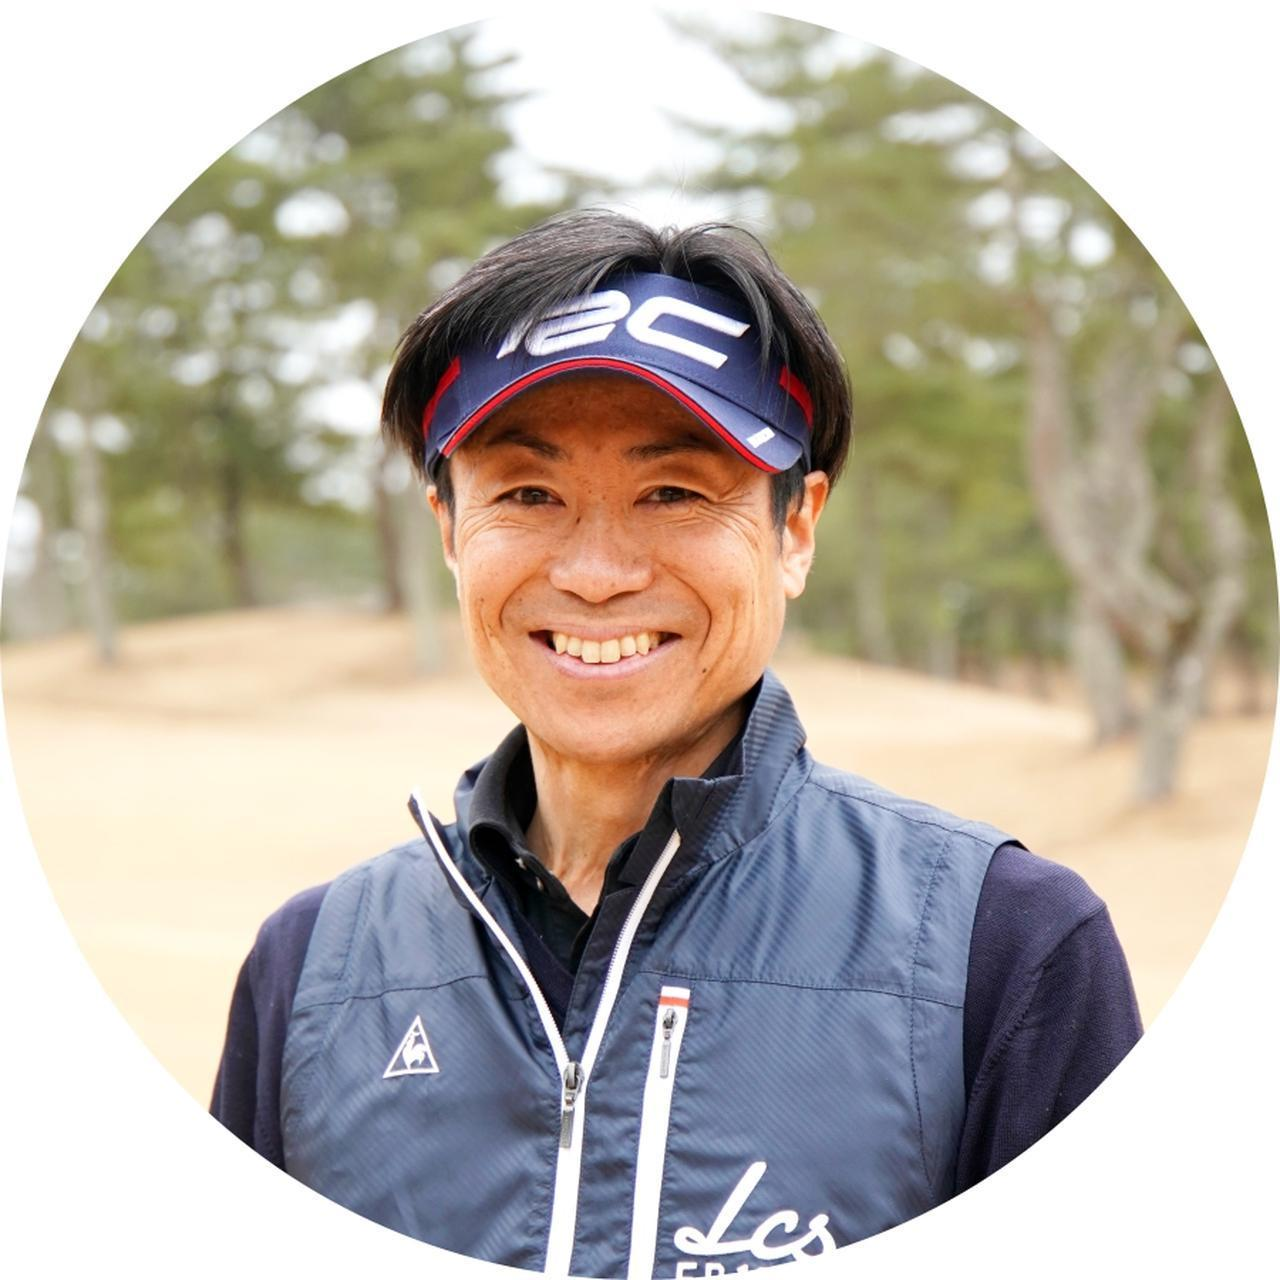 画像: 【試打・解説/伊丹大介プロ】 東北福祉大ゴルフを経てプロ入り。豊富な試打経験をもとにギアを的確に分析。スコアにつながるセッティング術を解説